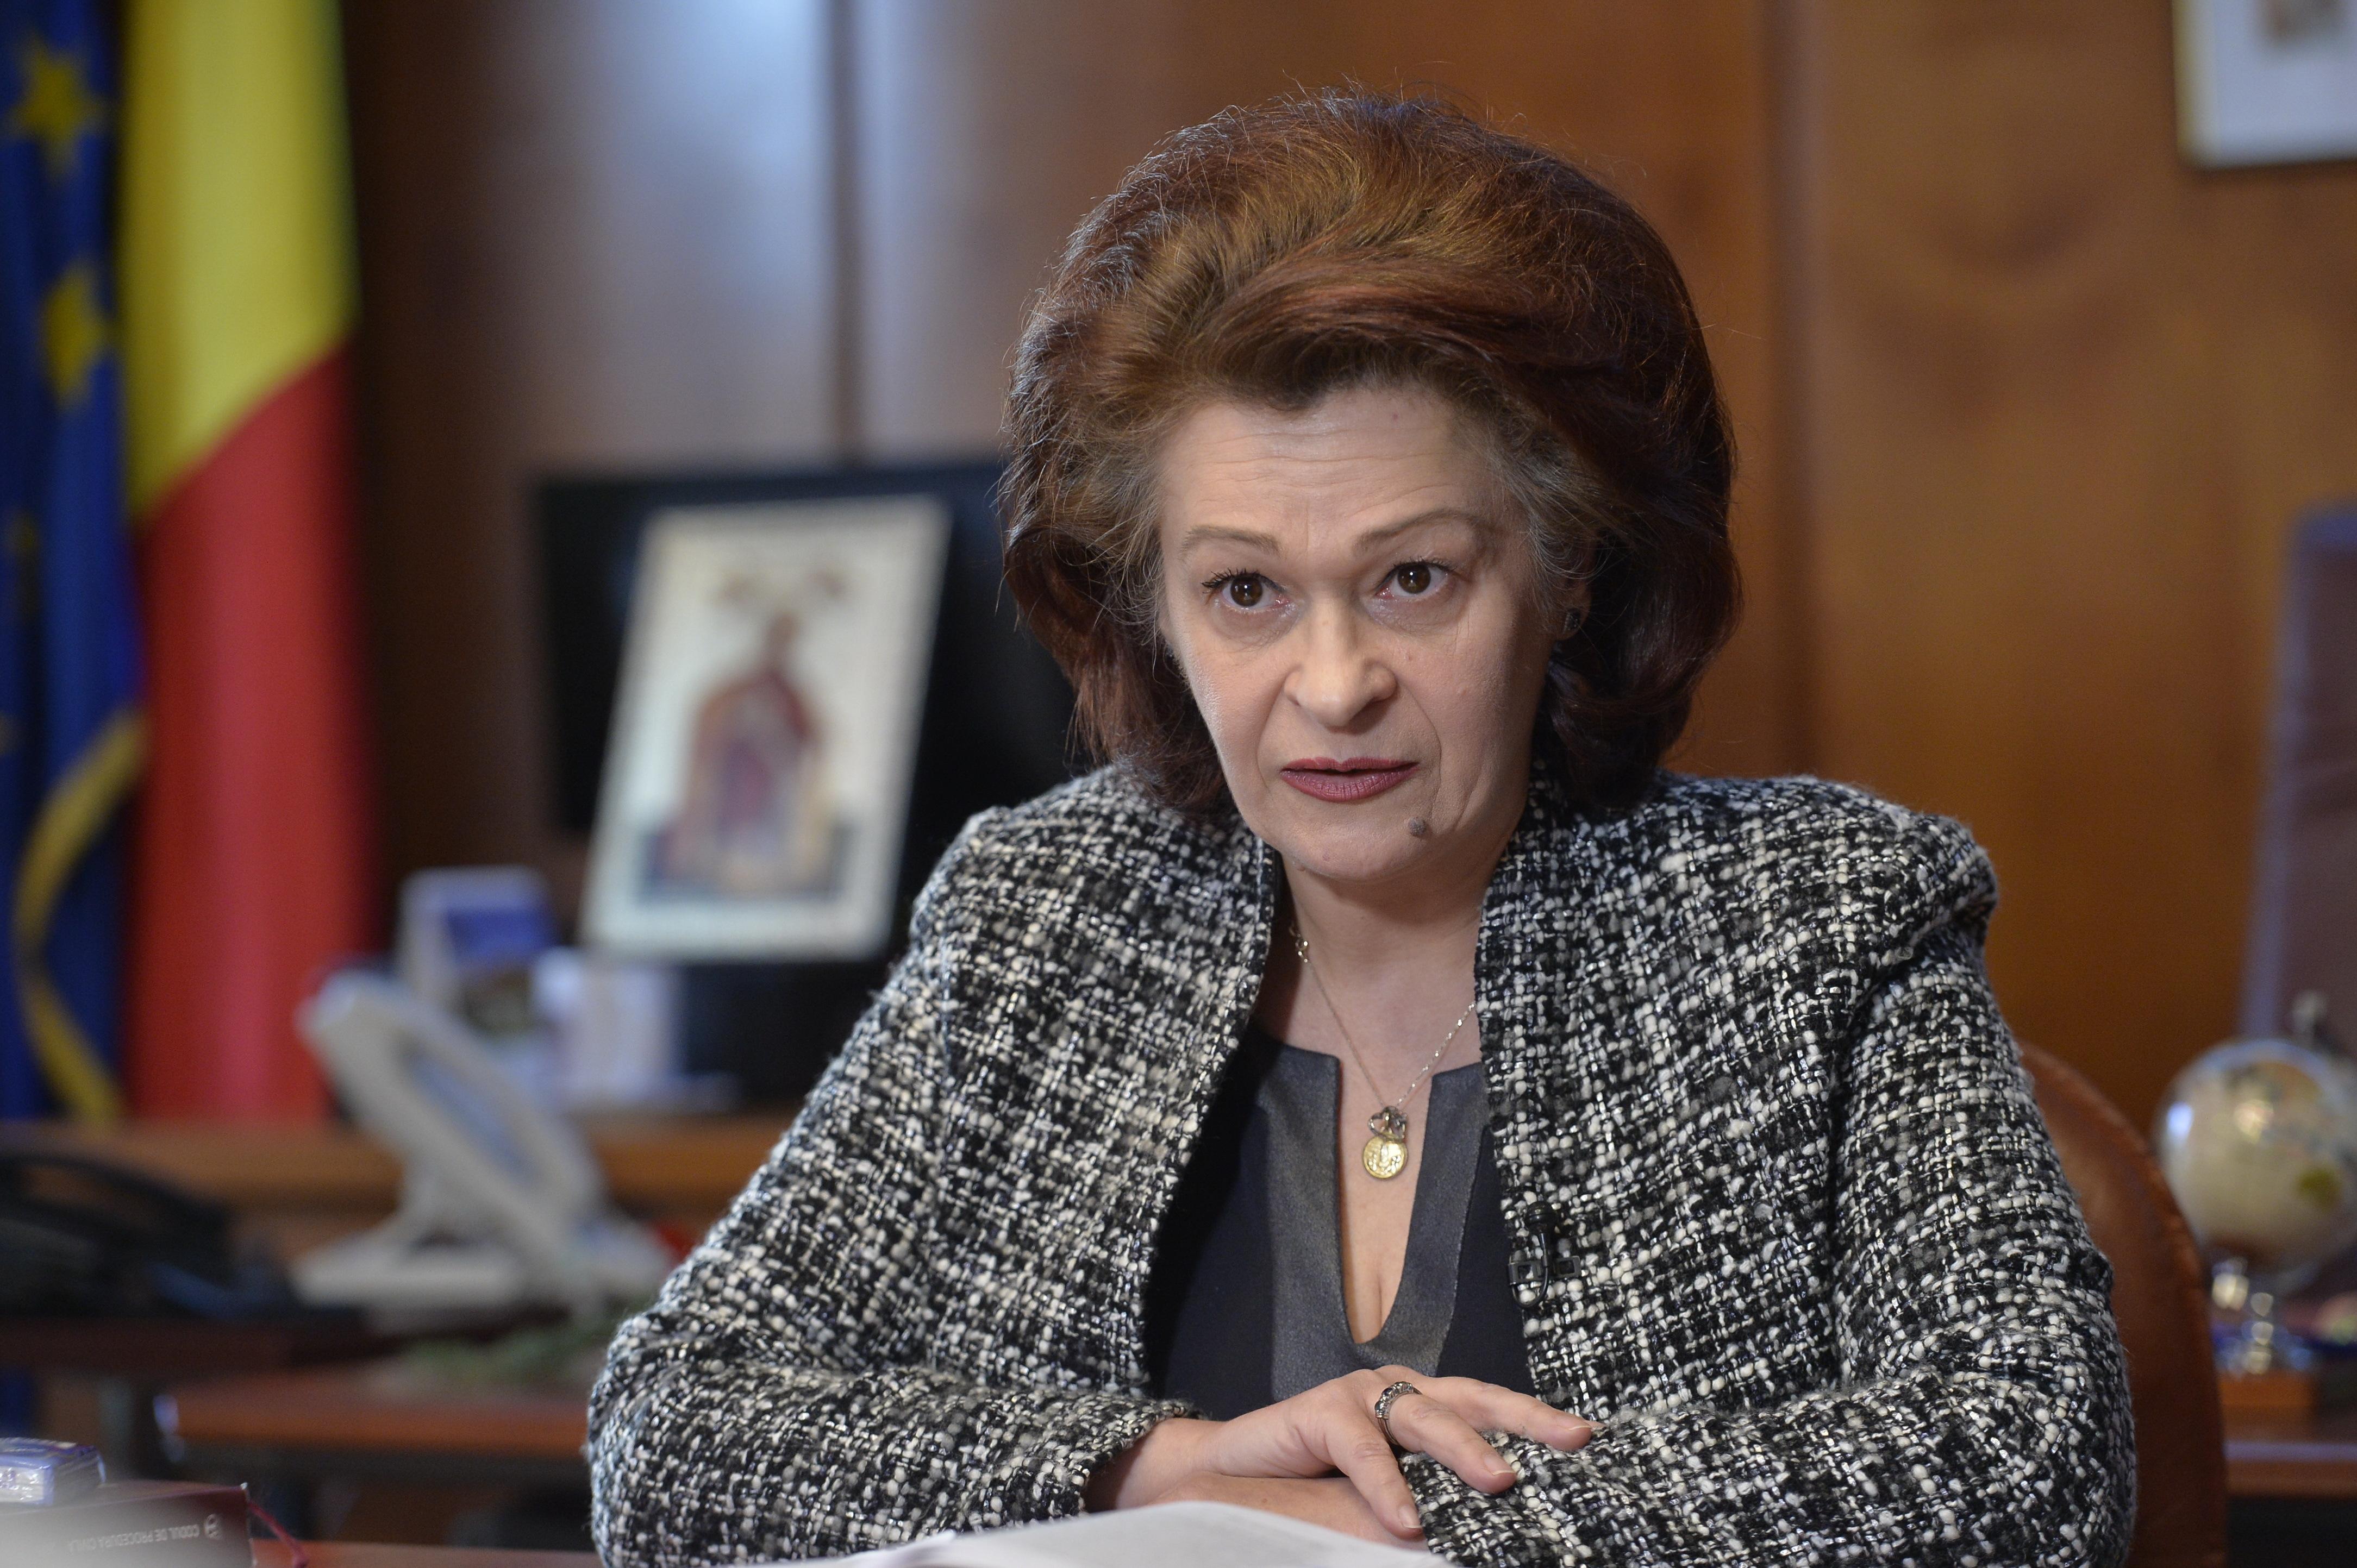 Cristina Tarcea, preşedinte ICCJ: Oficialilor de la Bruxelles li s-a prezentat alt proiect al Legilor justiţiei. Suntem minţiţi?